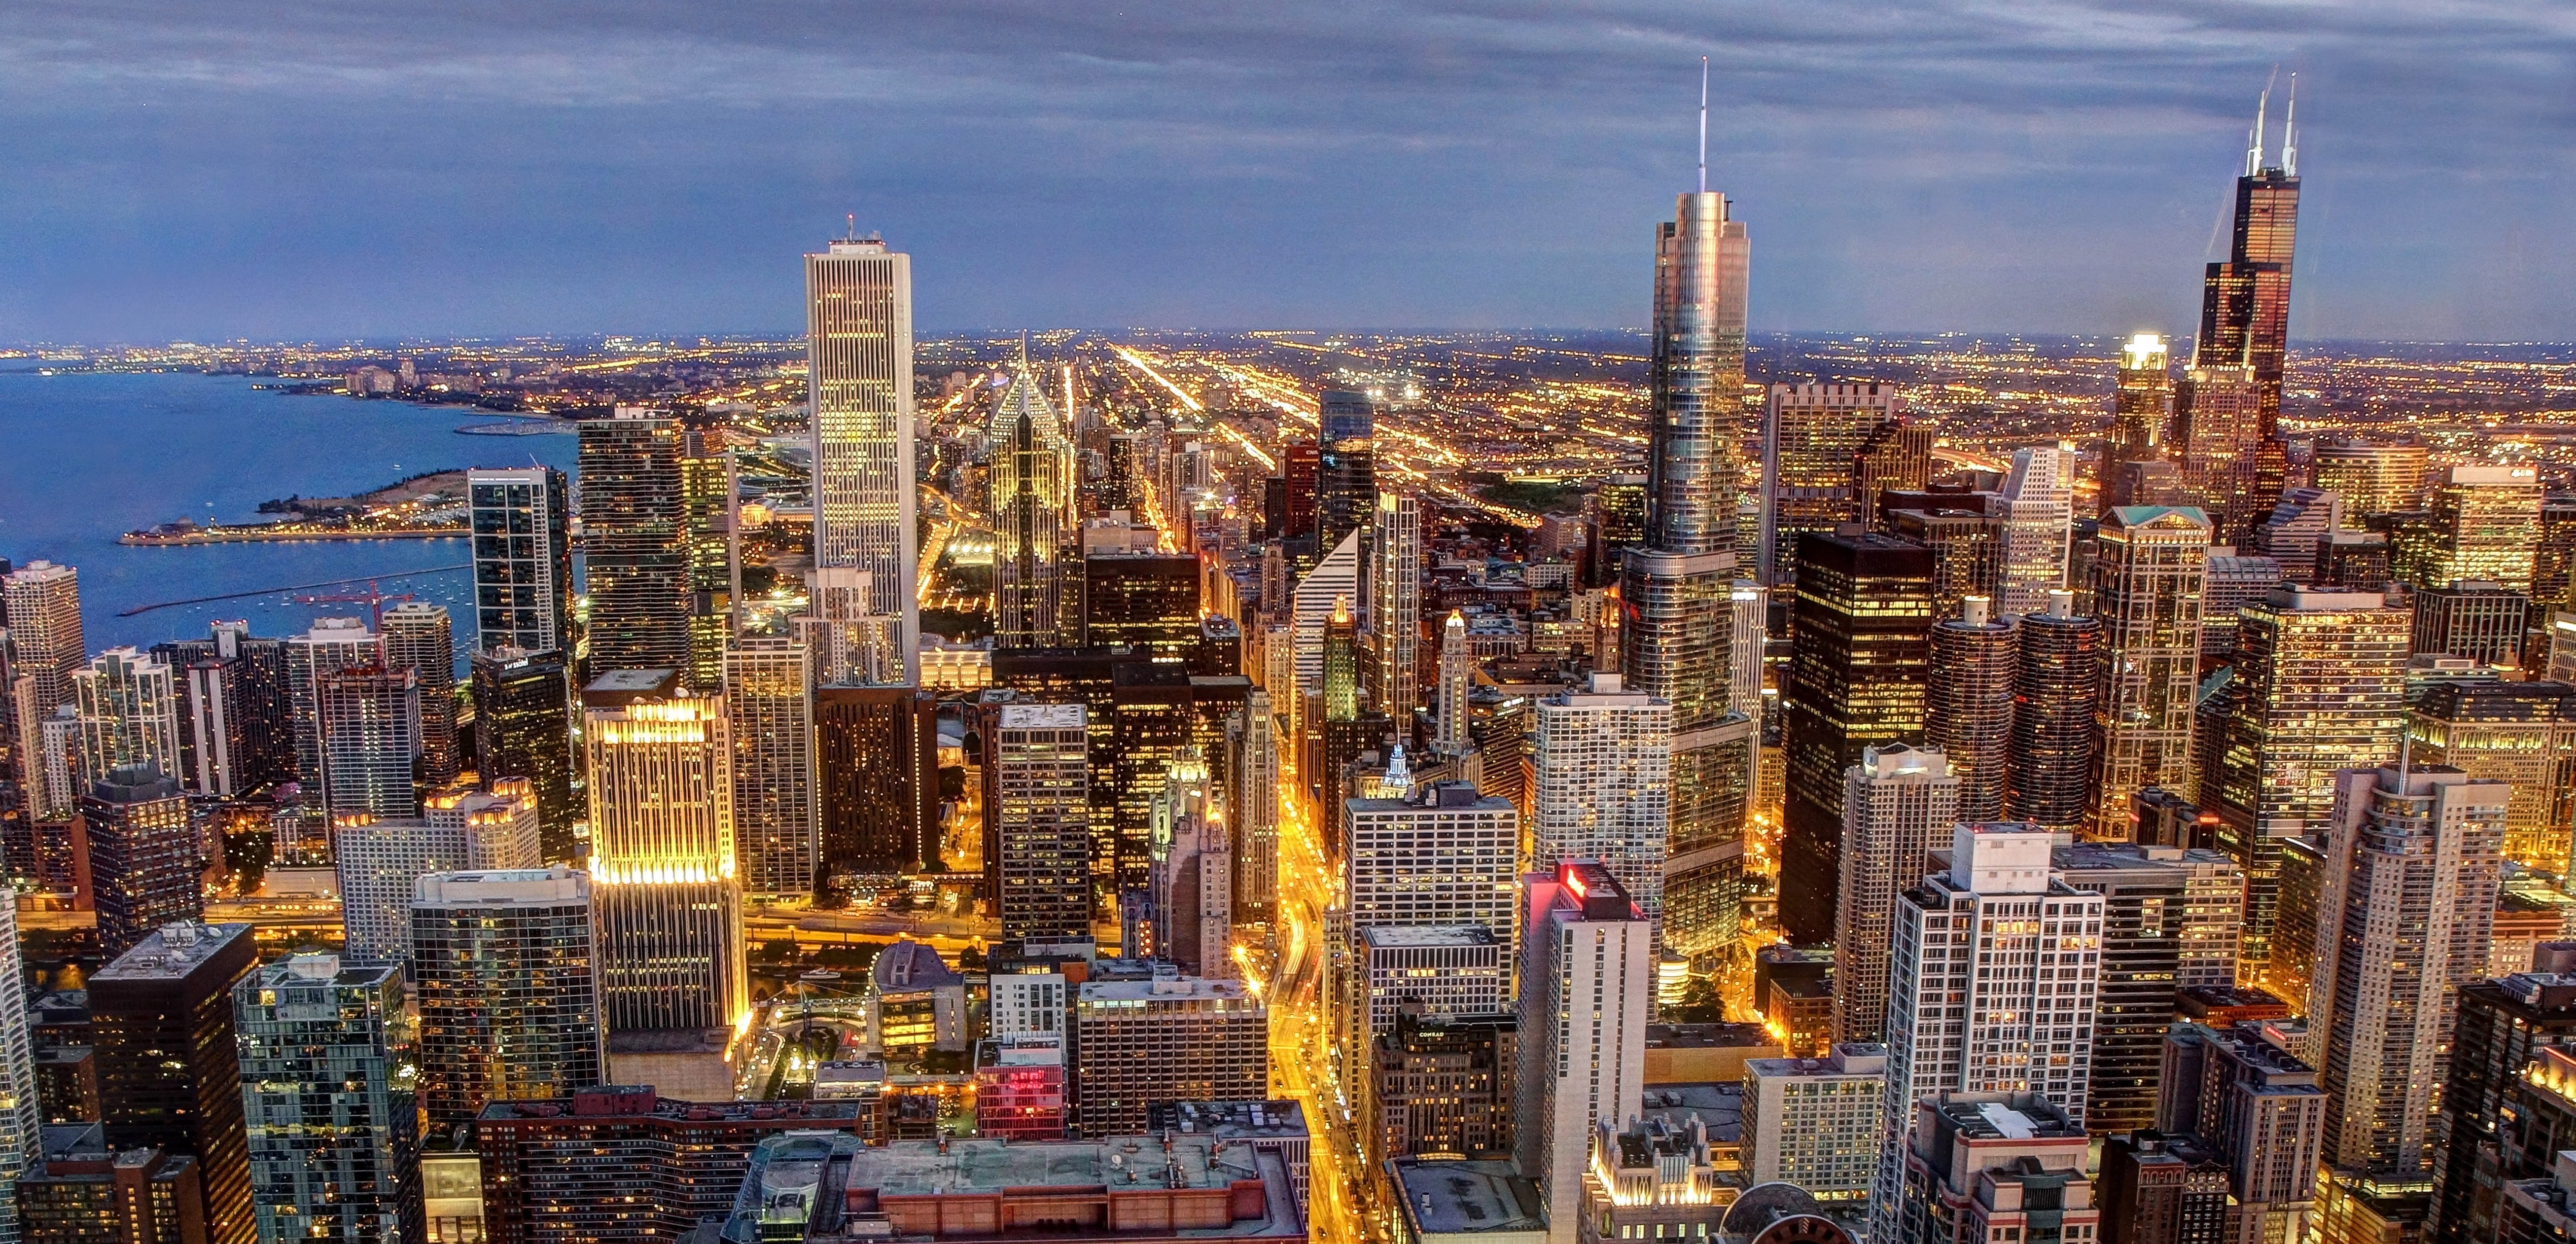 Chicago_skyline_viewed_from_John_Hancock_Center.jpg